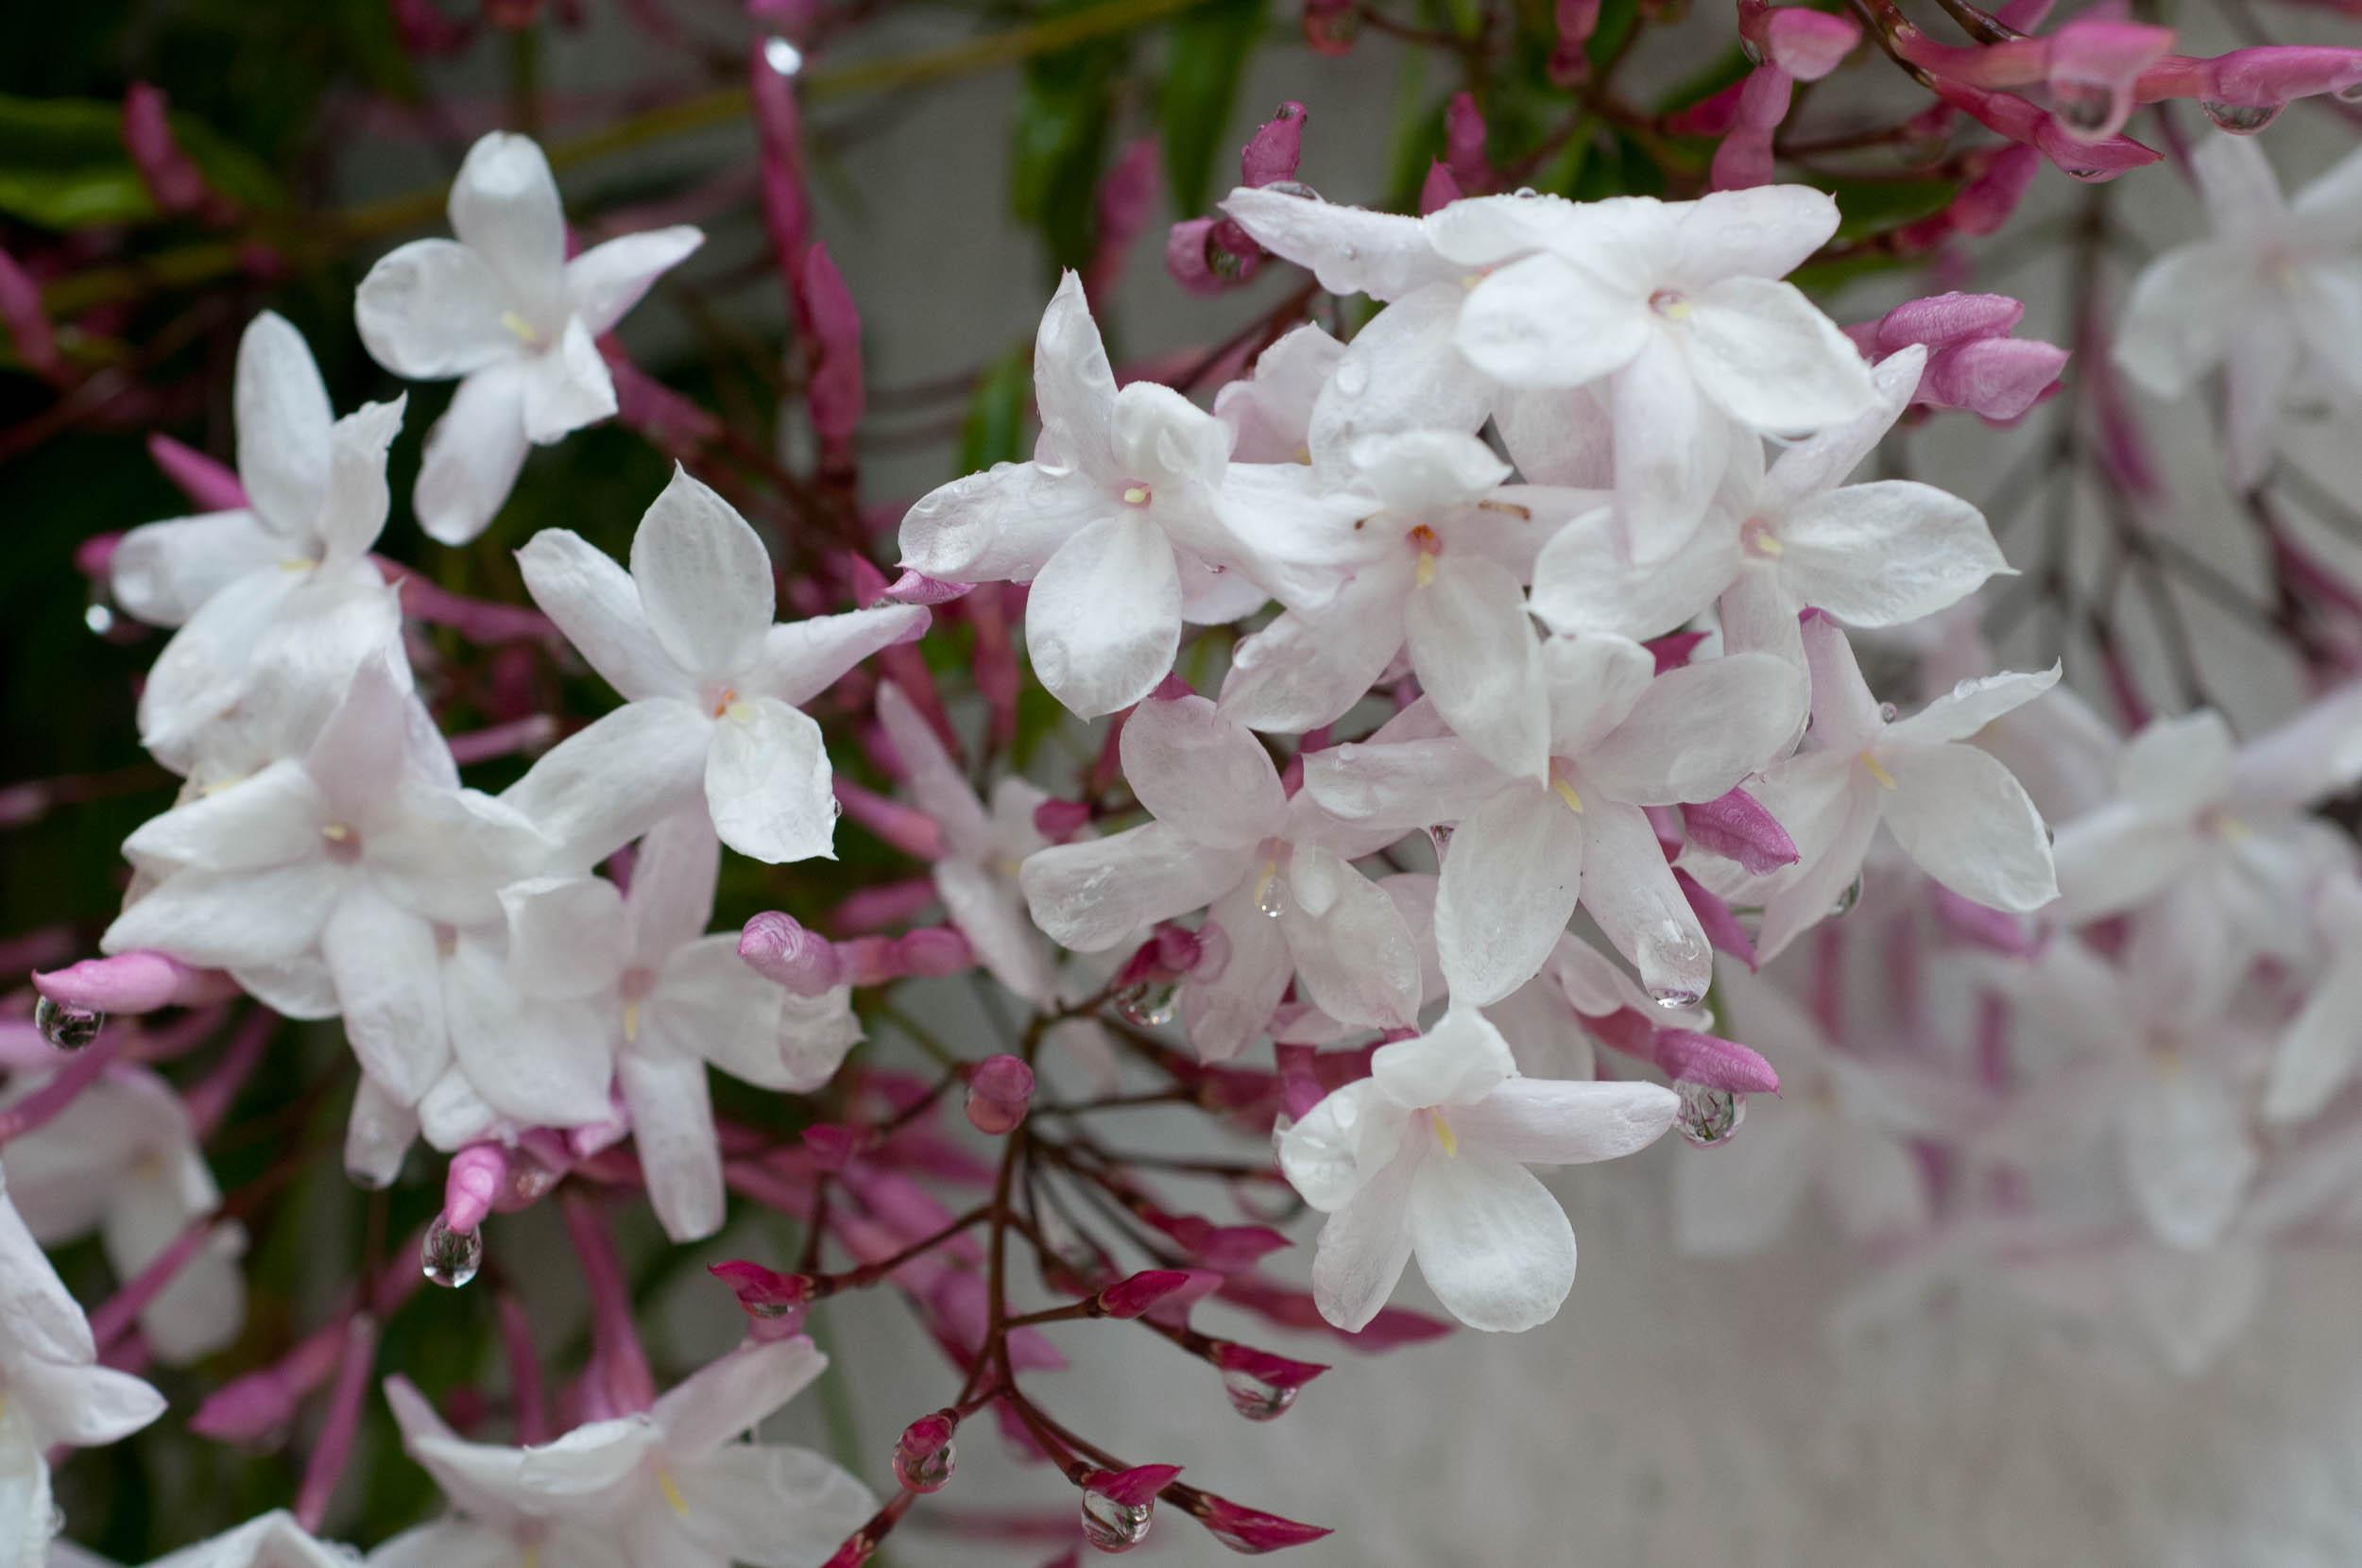 Pink Jasmine Flowers 1 Free Hd Wallpaper Hdflowerwallpaper